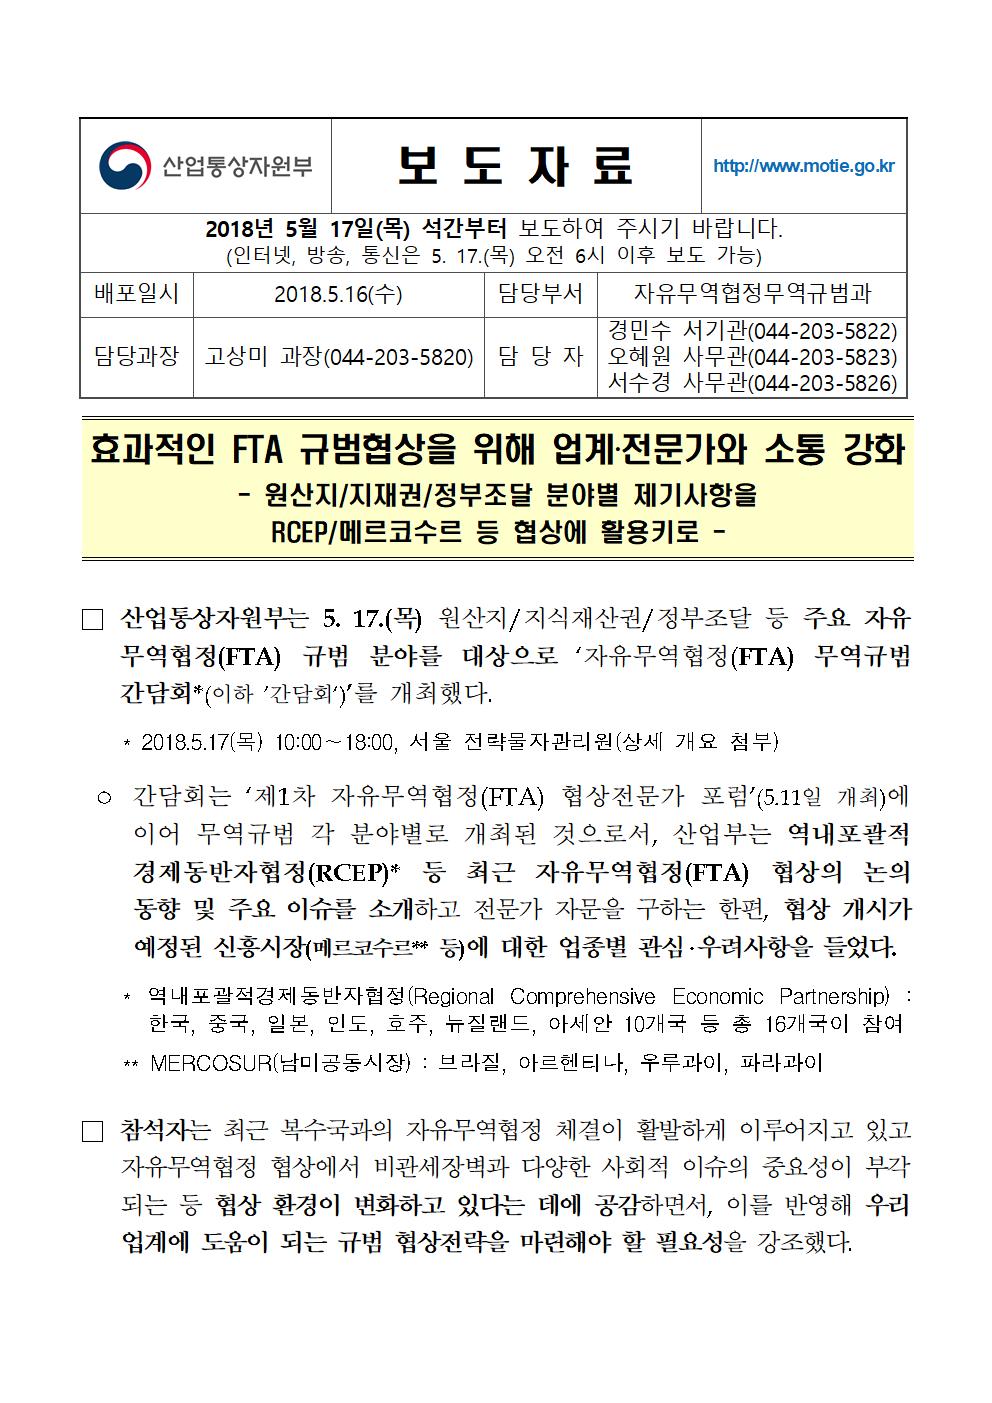 0516 (17일석간) FTA무역규범과, FTA 무역규범간담회001.png